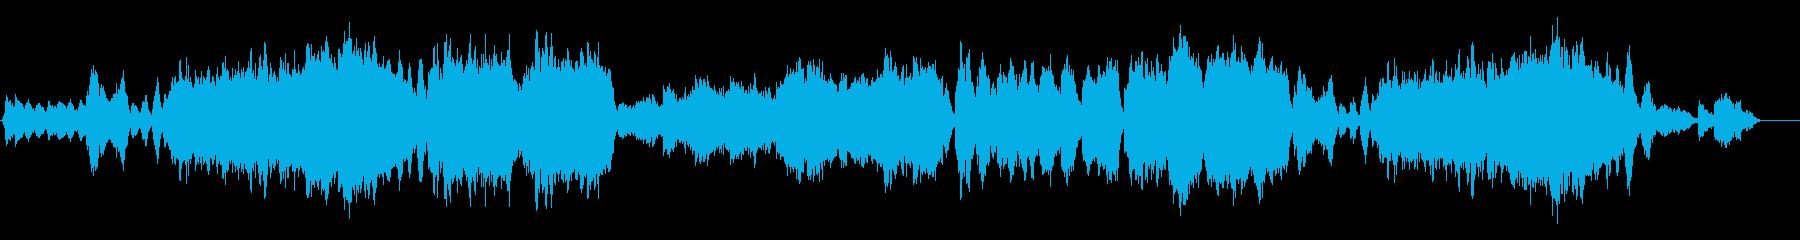 爽やかなハープと弦のクラシカルなポップスの再生済みの波形